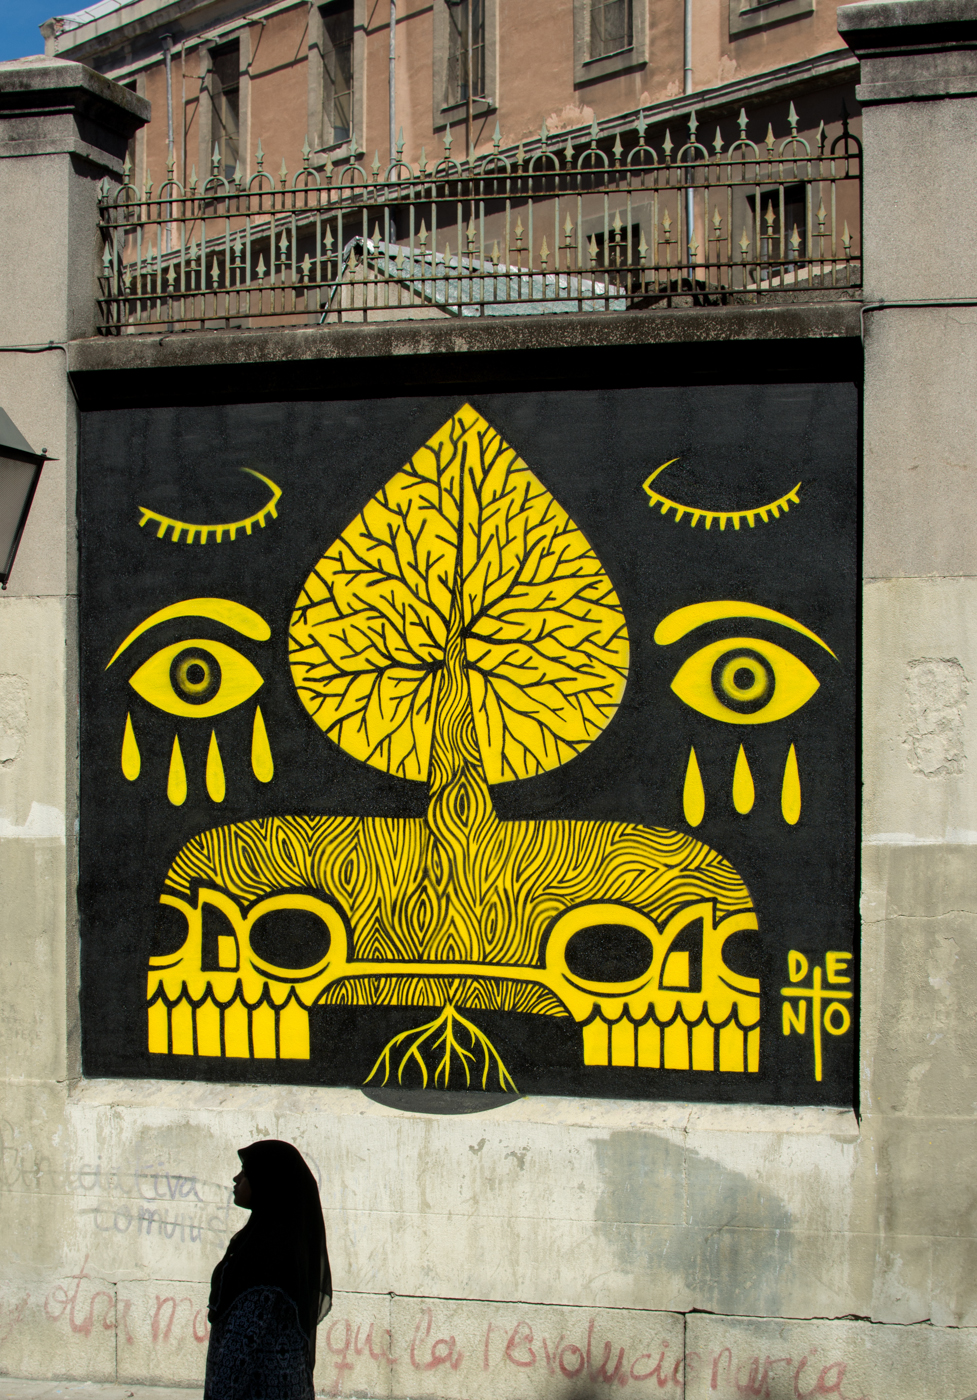 Deno final - MurosTabacalera by Guillermo de la Madrid - Madrid Street Art Project-001.jpg